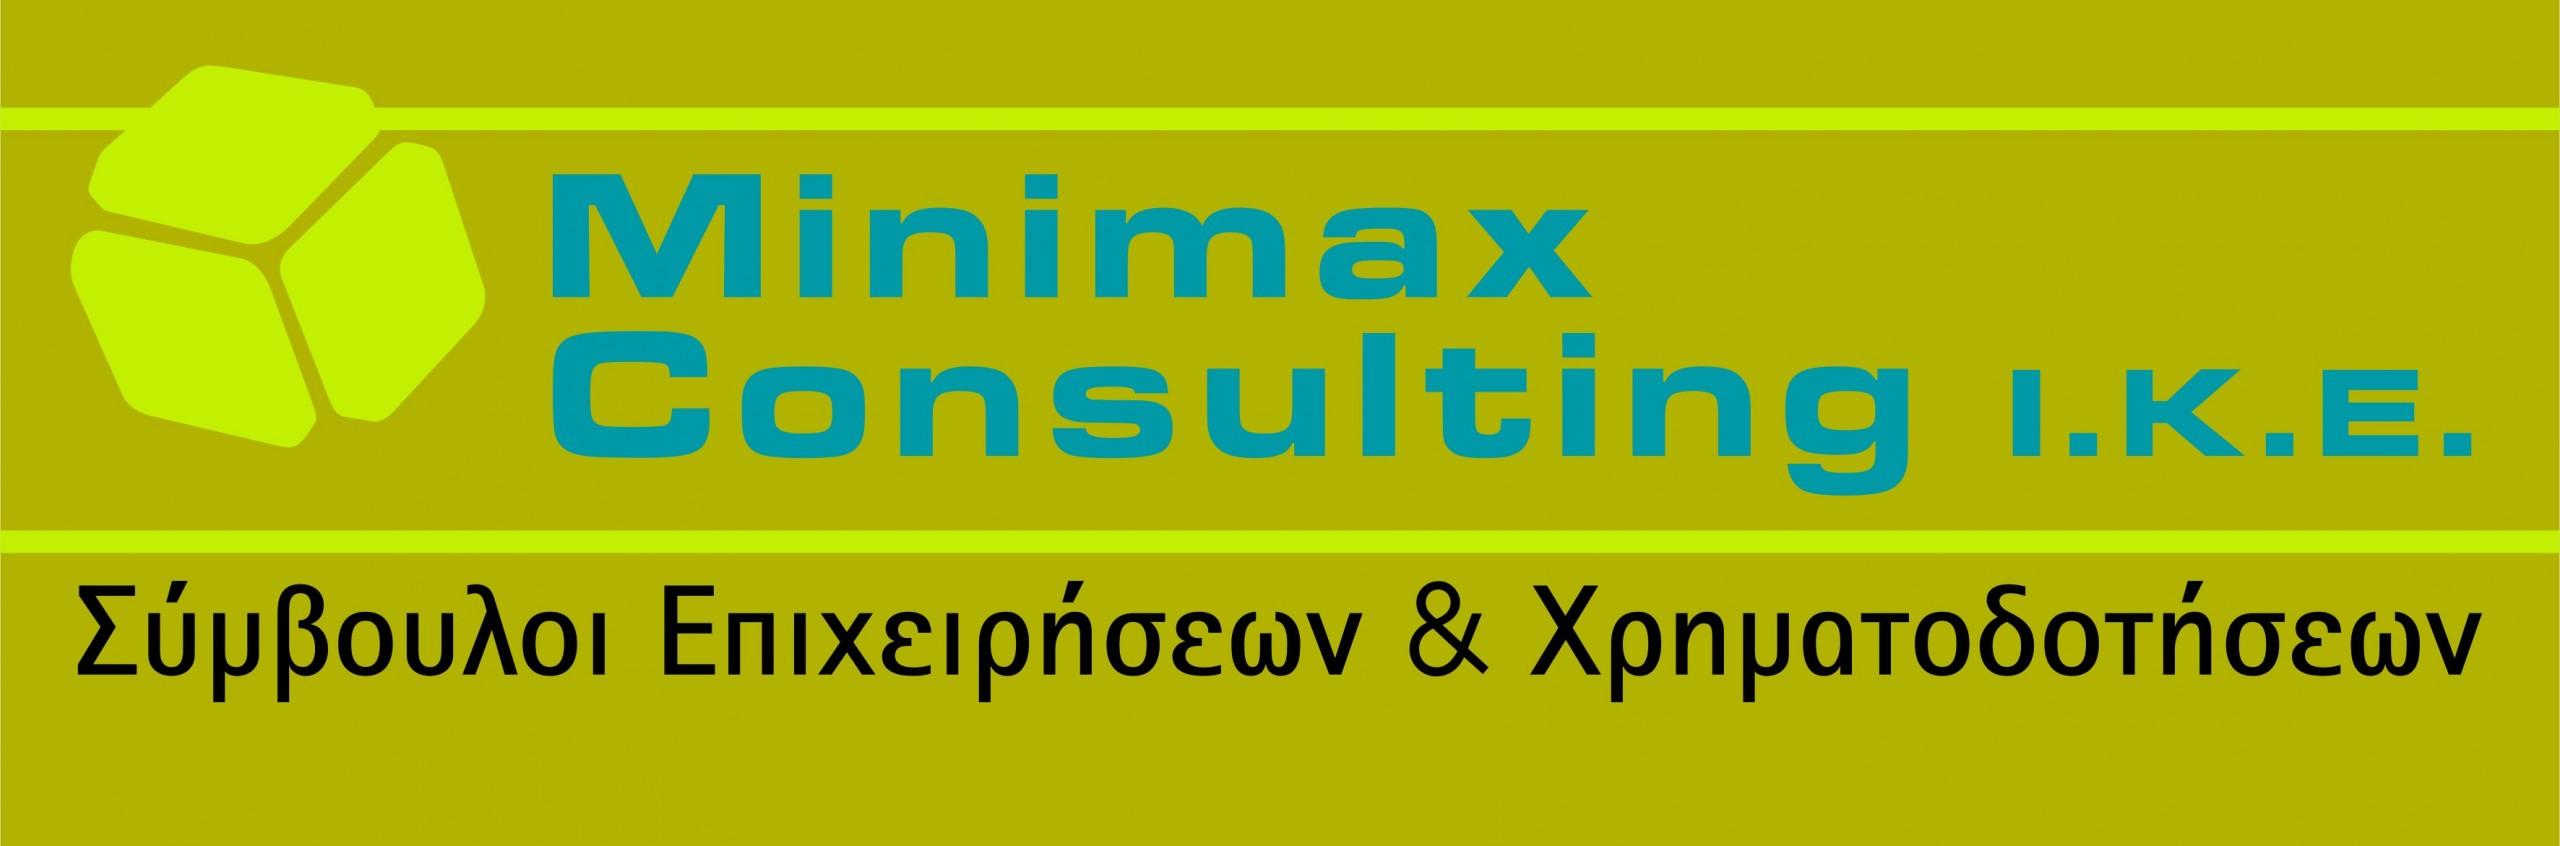 ΠΙΝΑΚΙΔΑ-MINIMAX-CONSULTING new